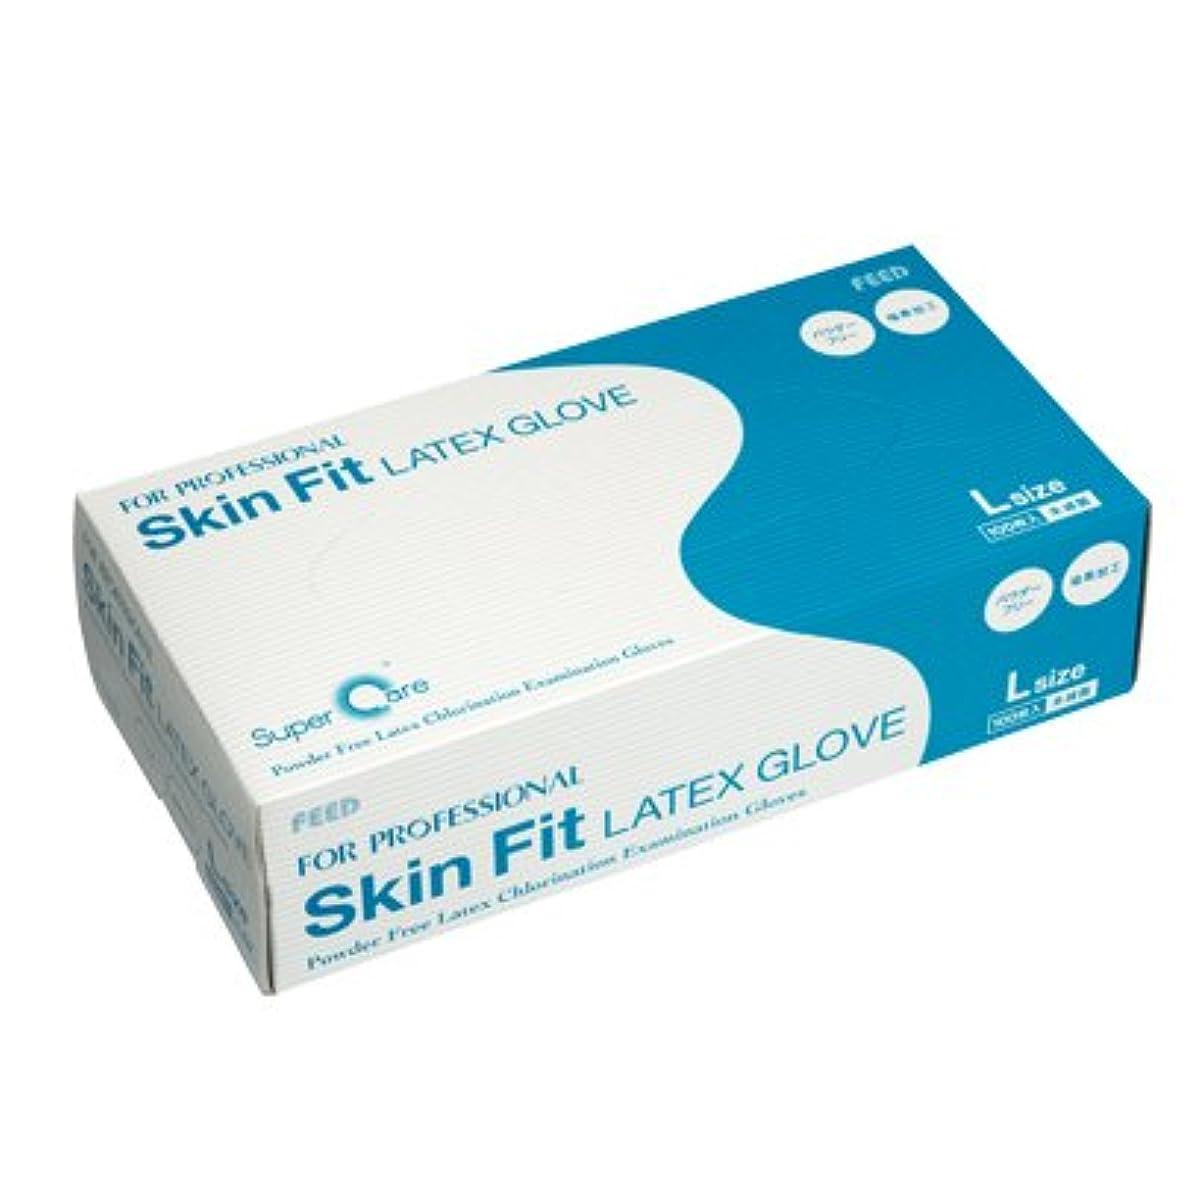 クランシーグラスちなみにFEED(フィード) Skin Fit ラテックスグローブ パウダーフリー 塩素加工 L カートン(10ケース) (医療機器)